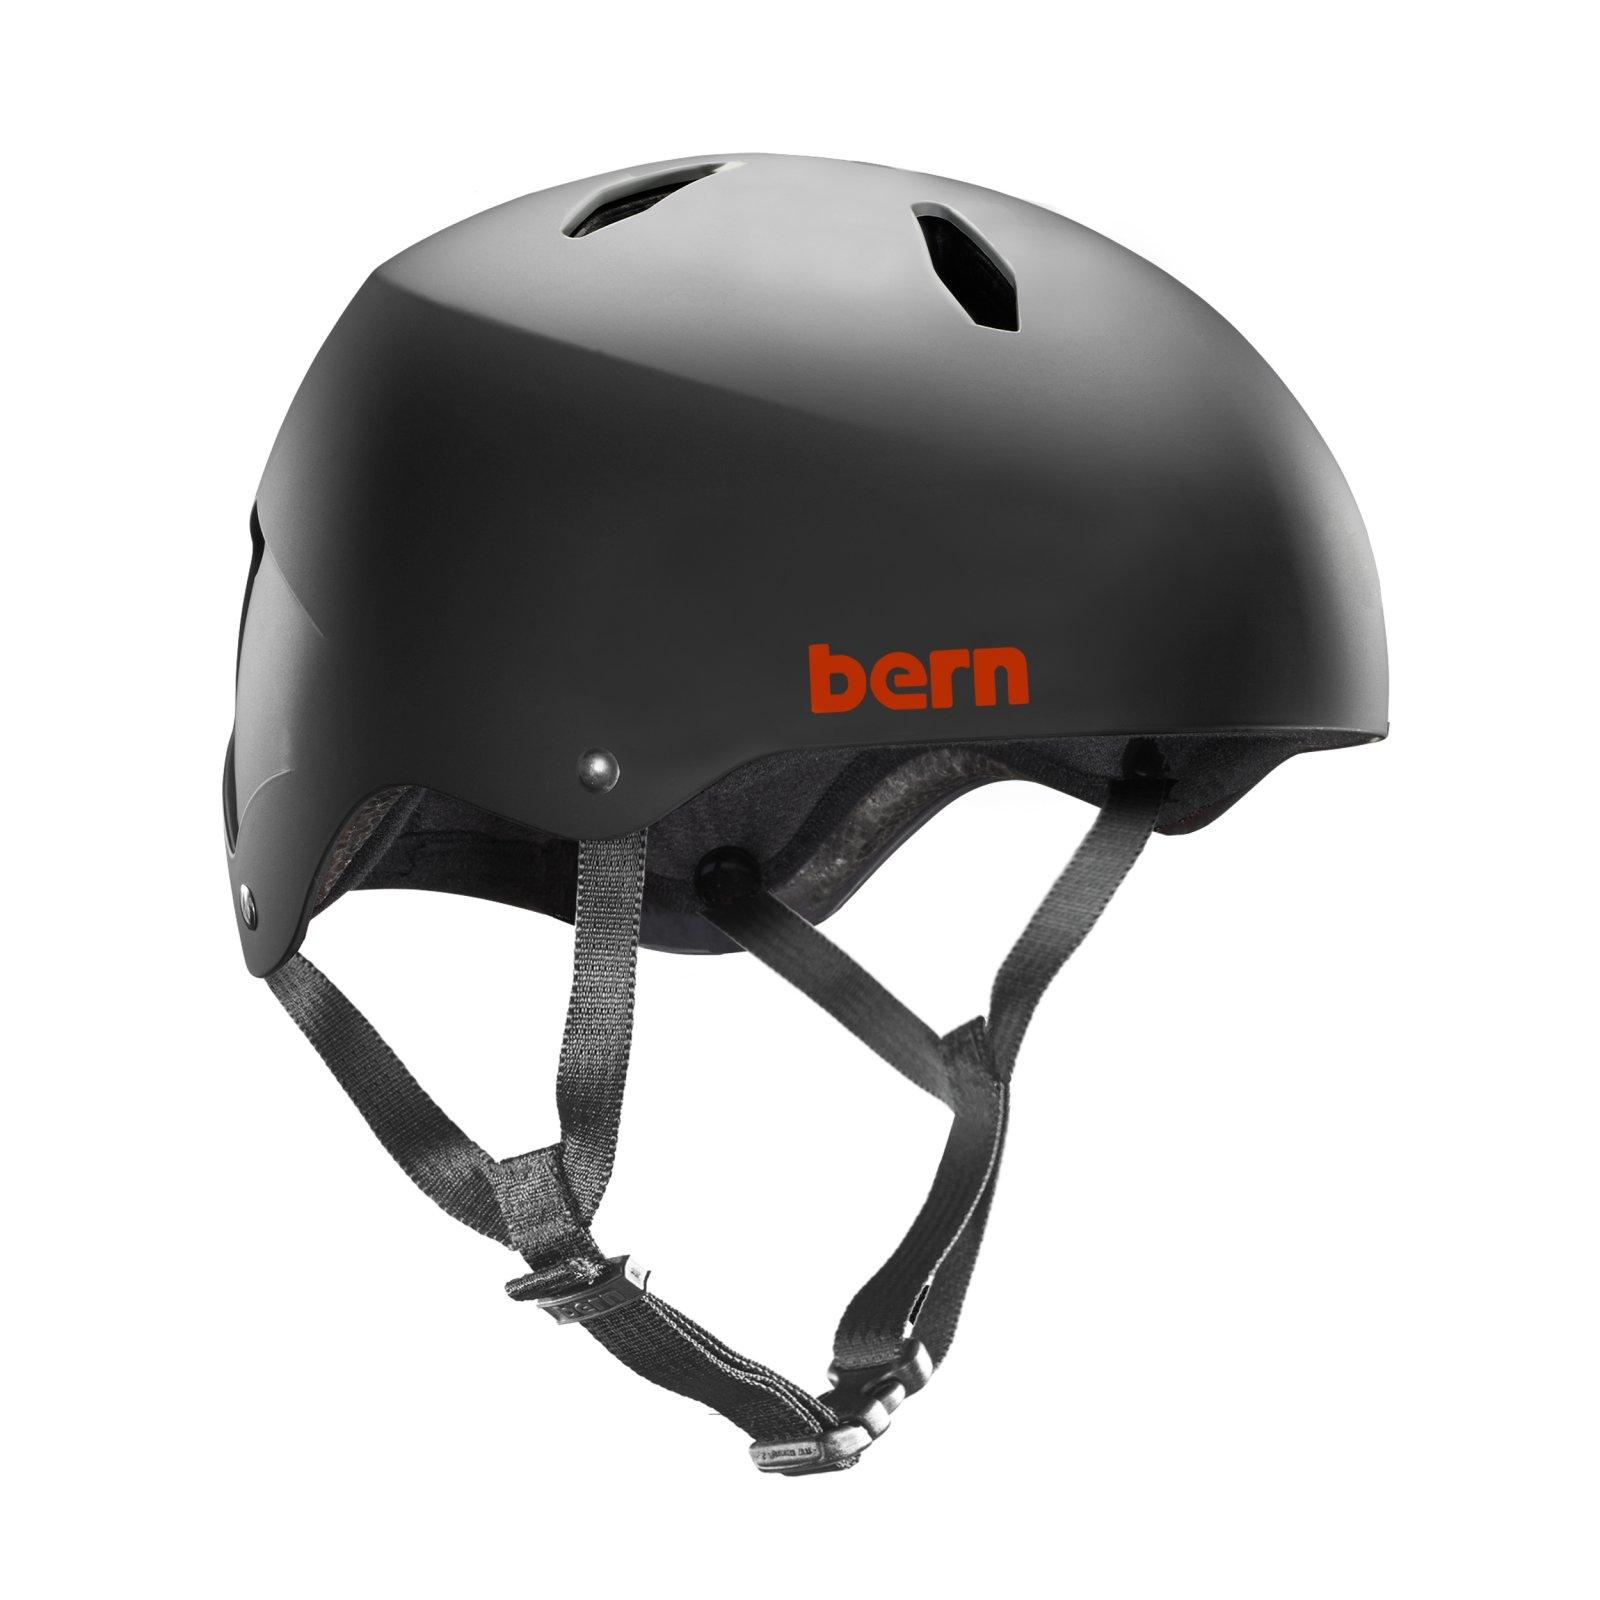 Bern Diablo Skate Helmet